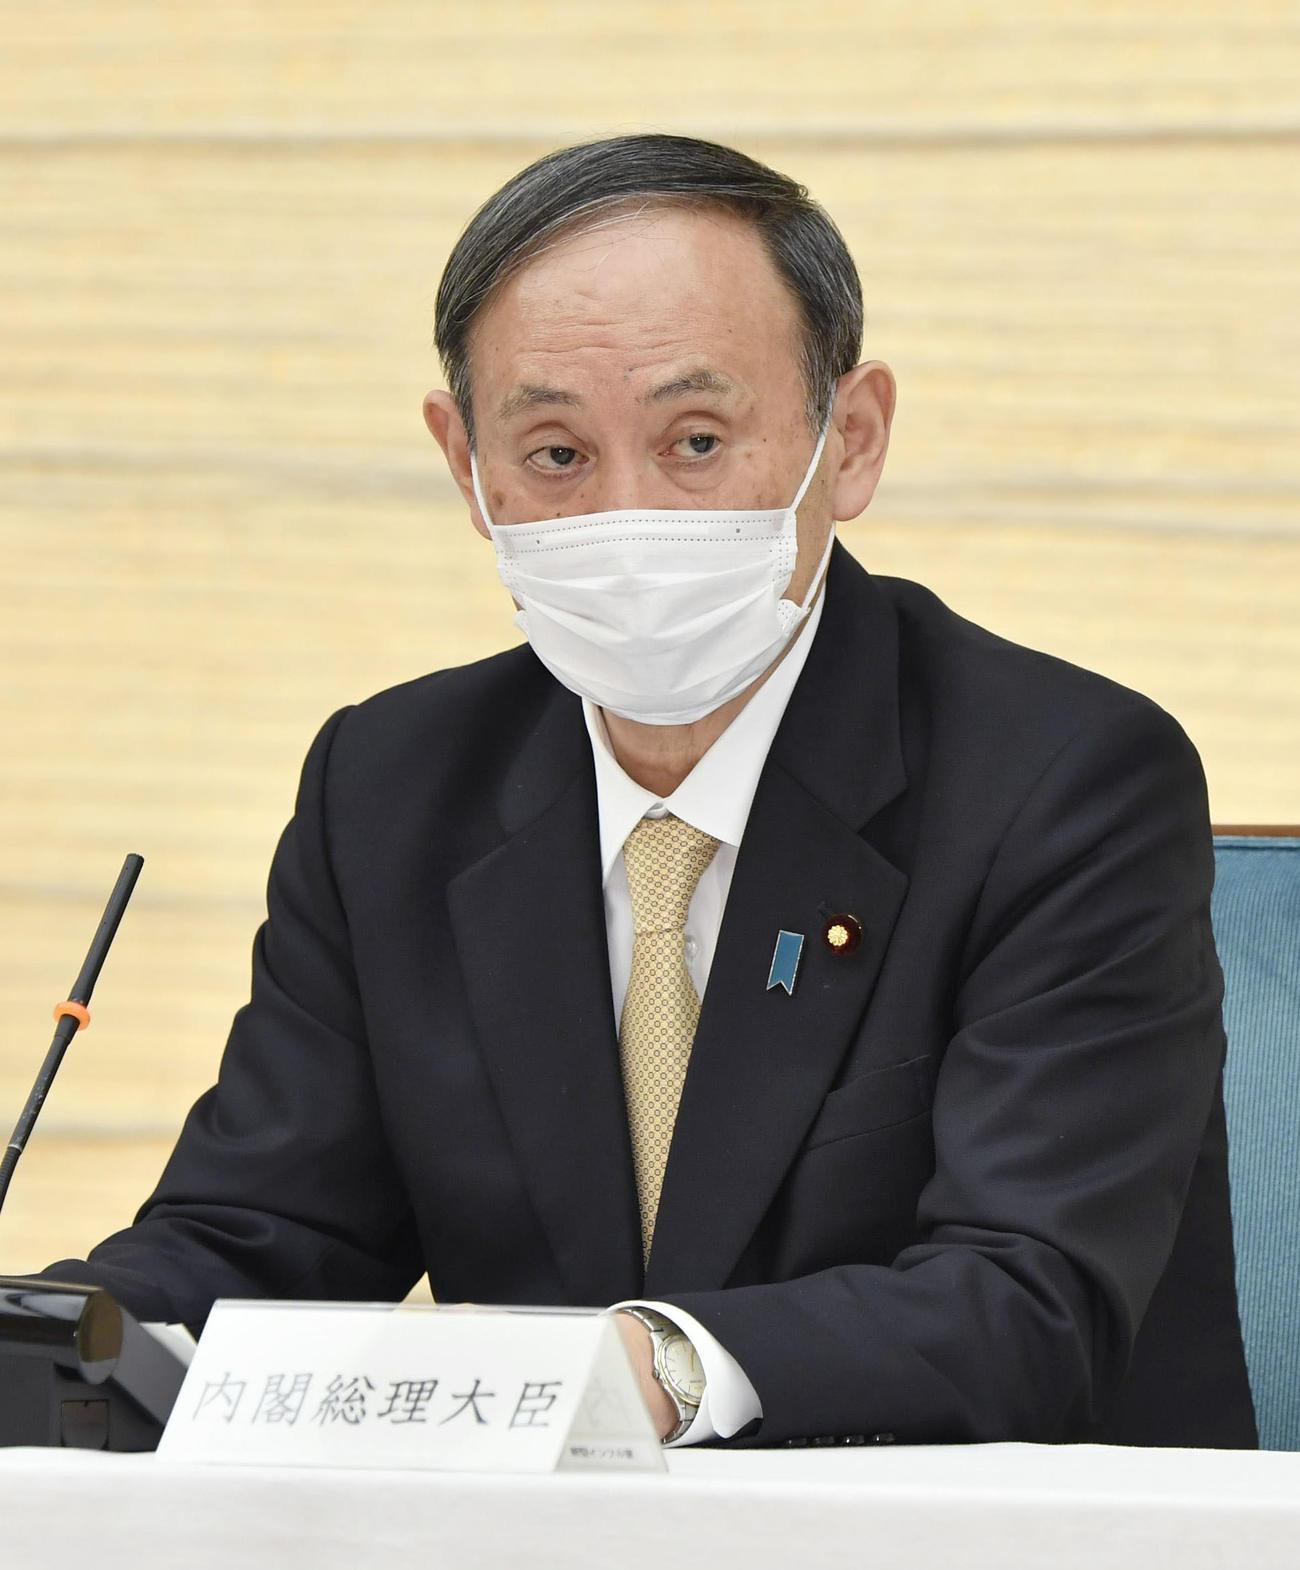 新型コロナウイルス感染症対策本部で、6府県の緊急事態宣言について月末解除を表明する菅首相(共同)